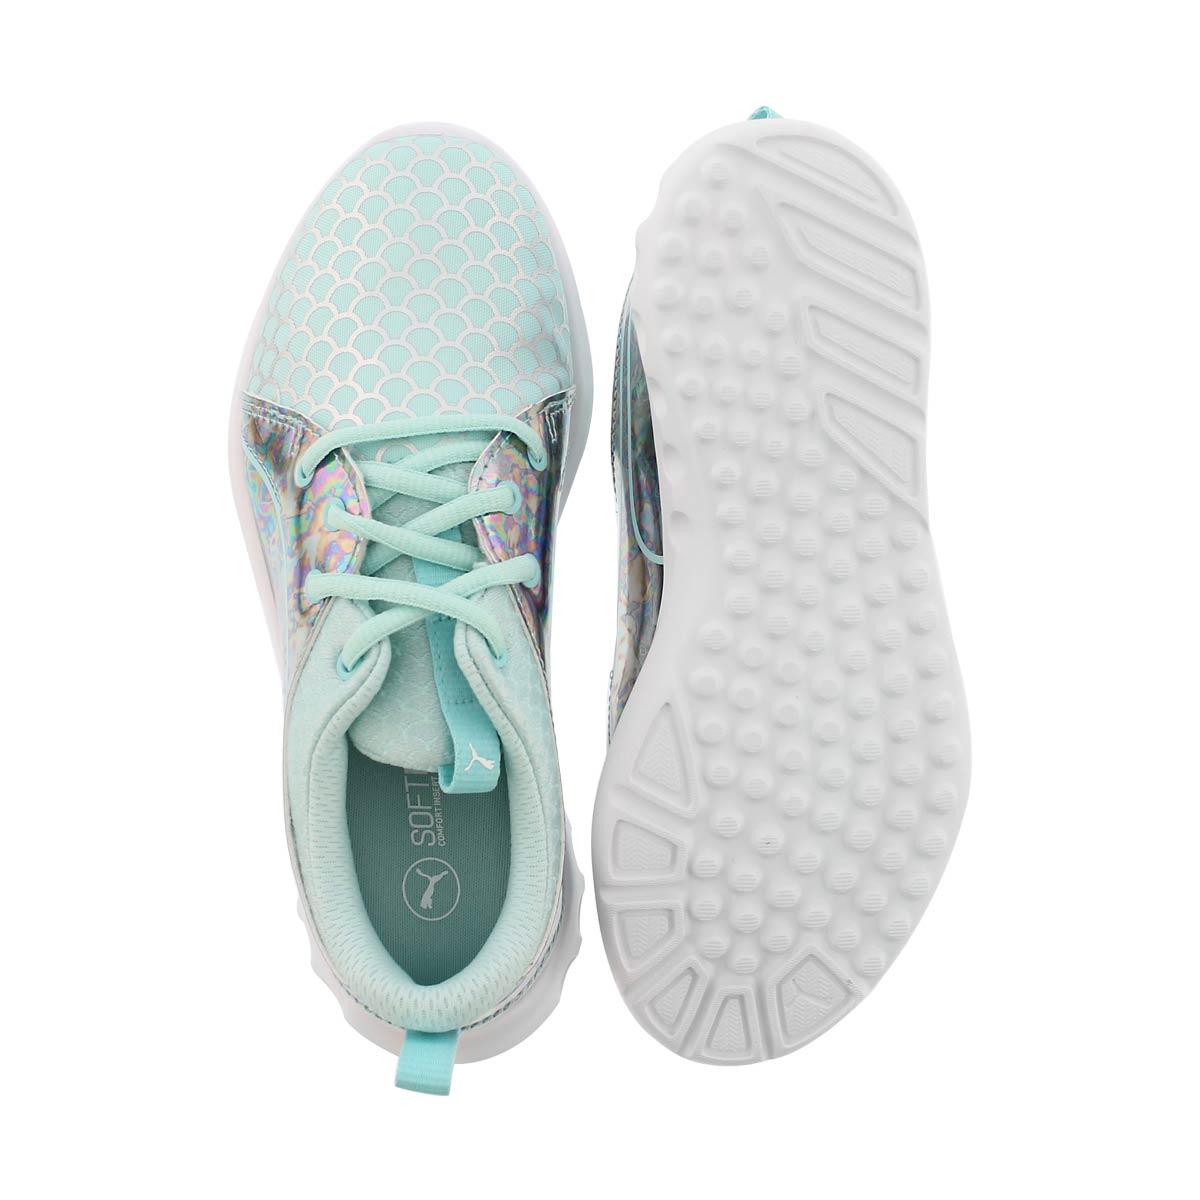 Grls Carson 2 Mermaid blu/slvr sneaker